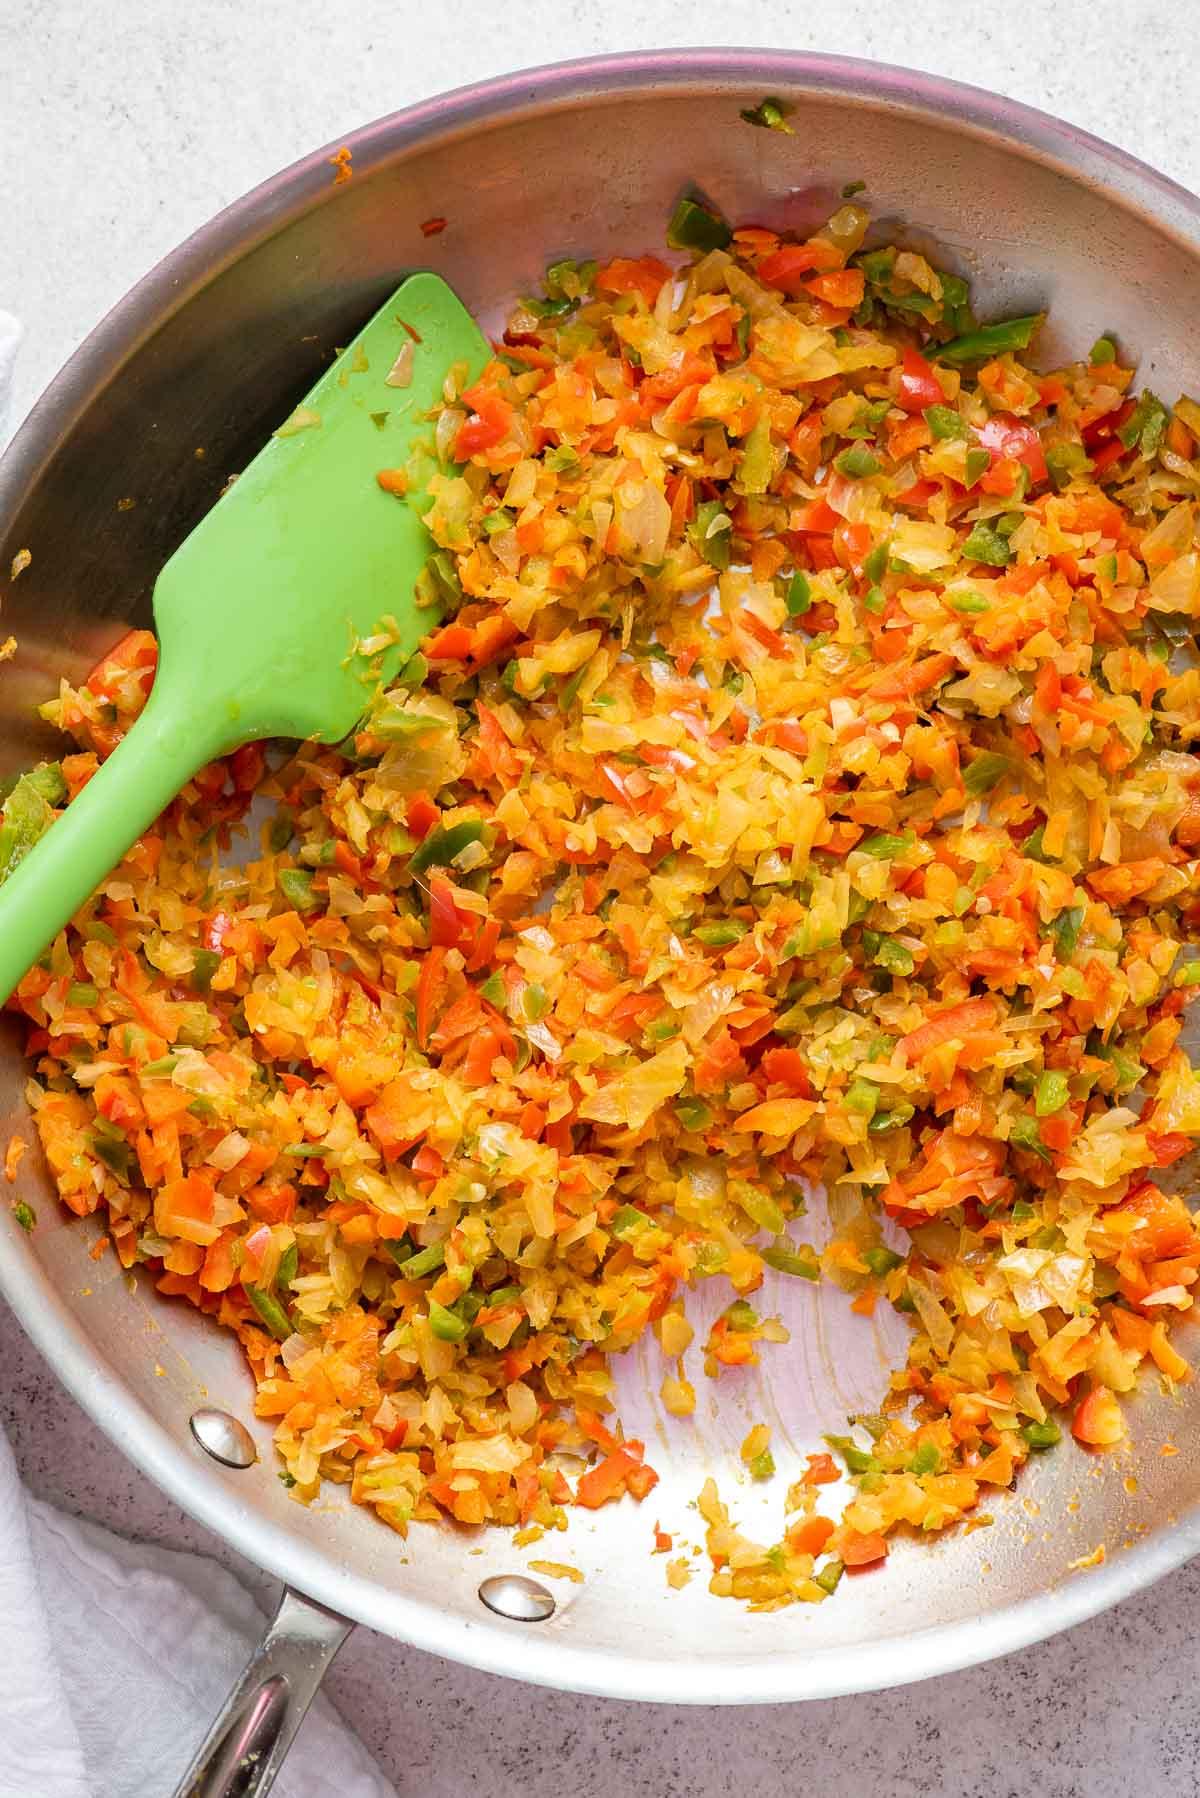 sautéing vegetables for shakhuka sauce